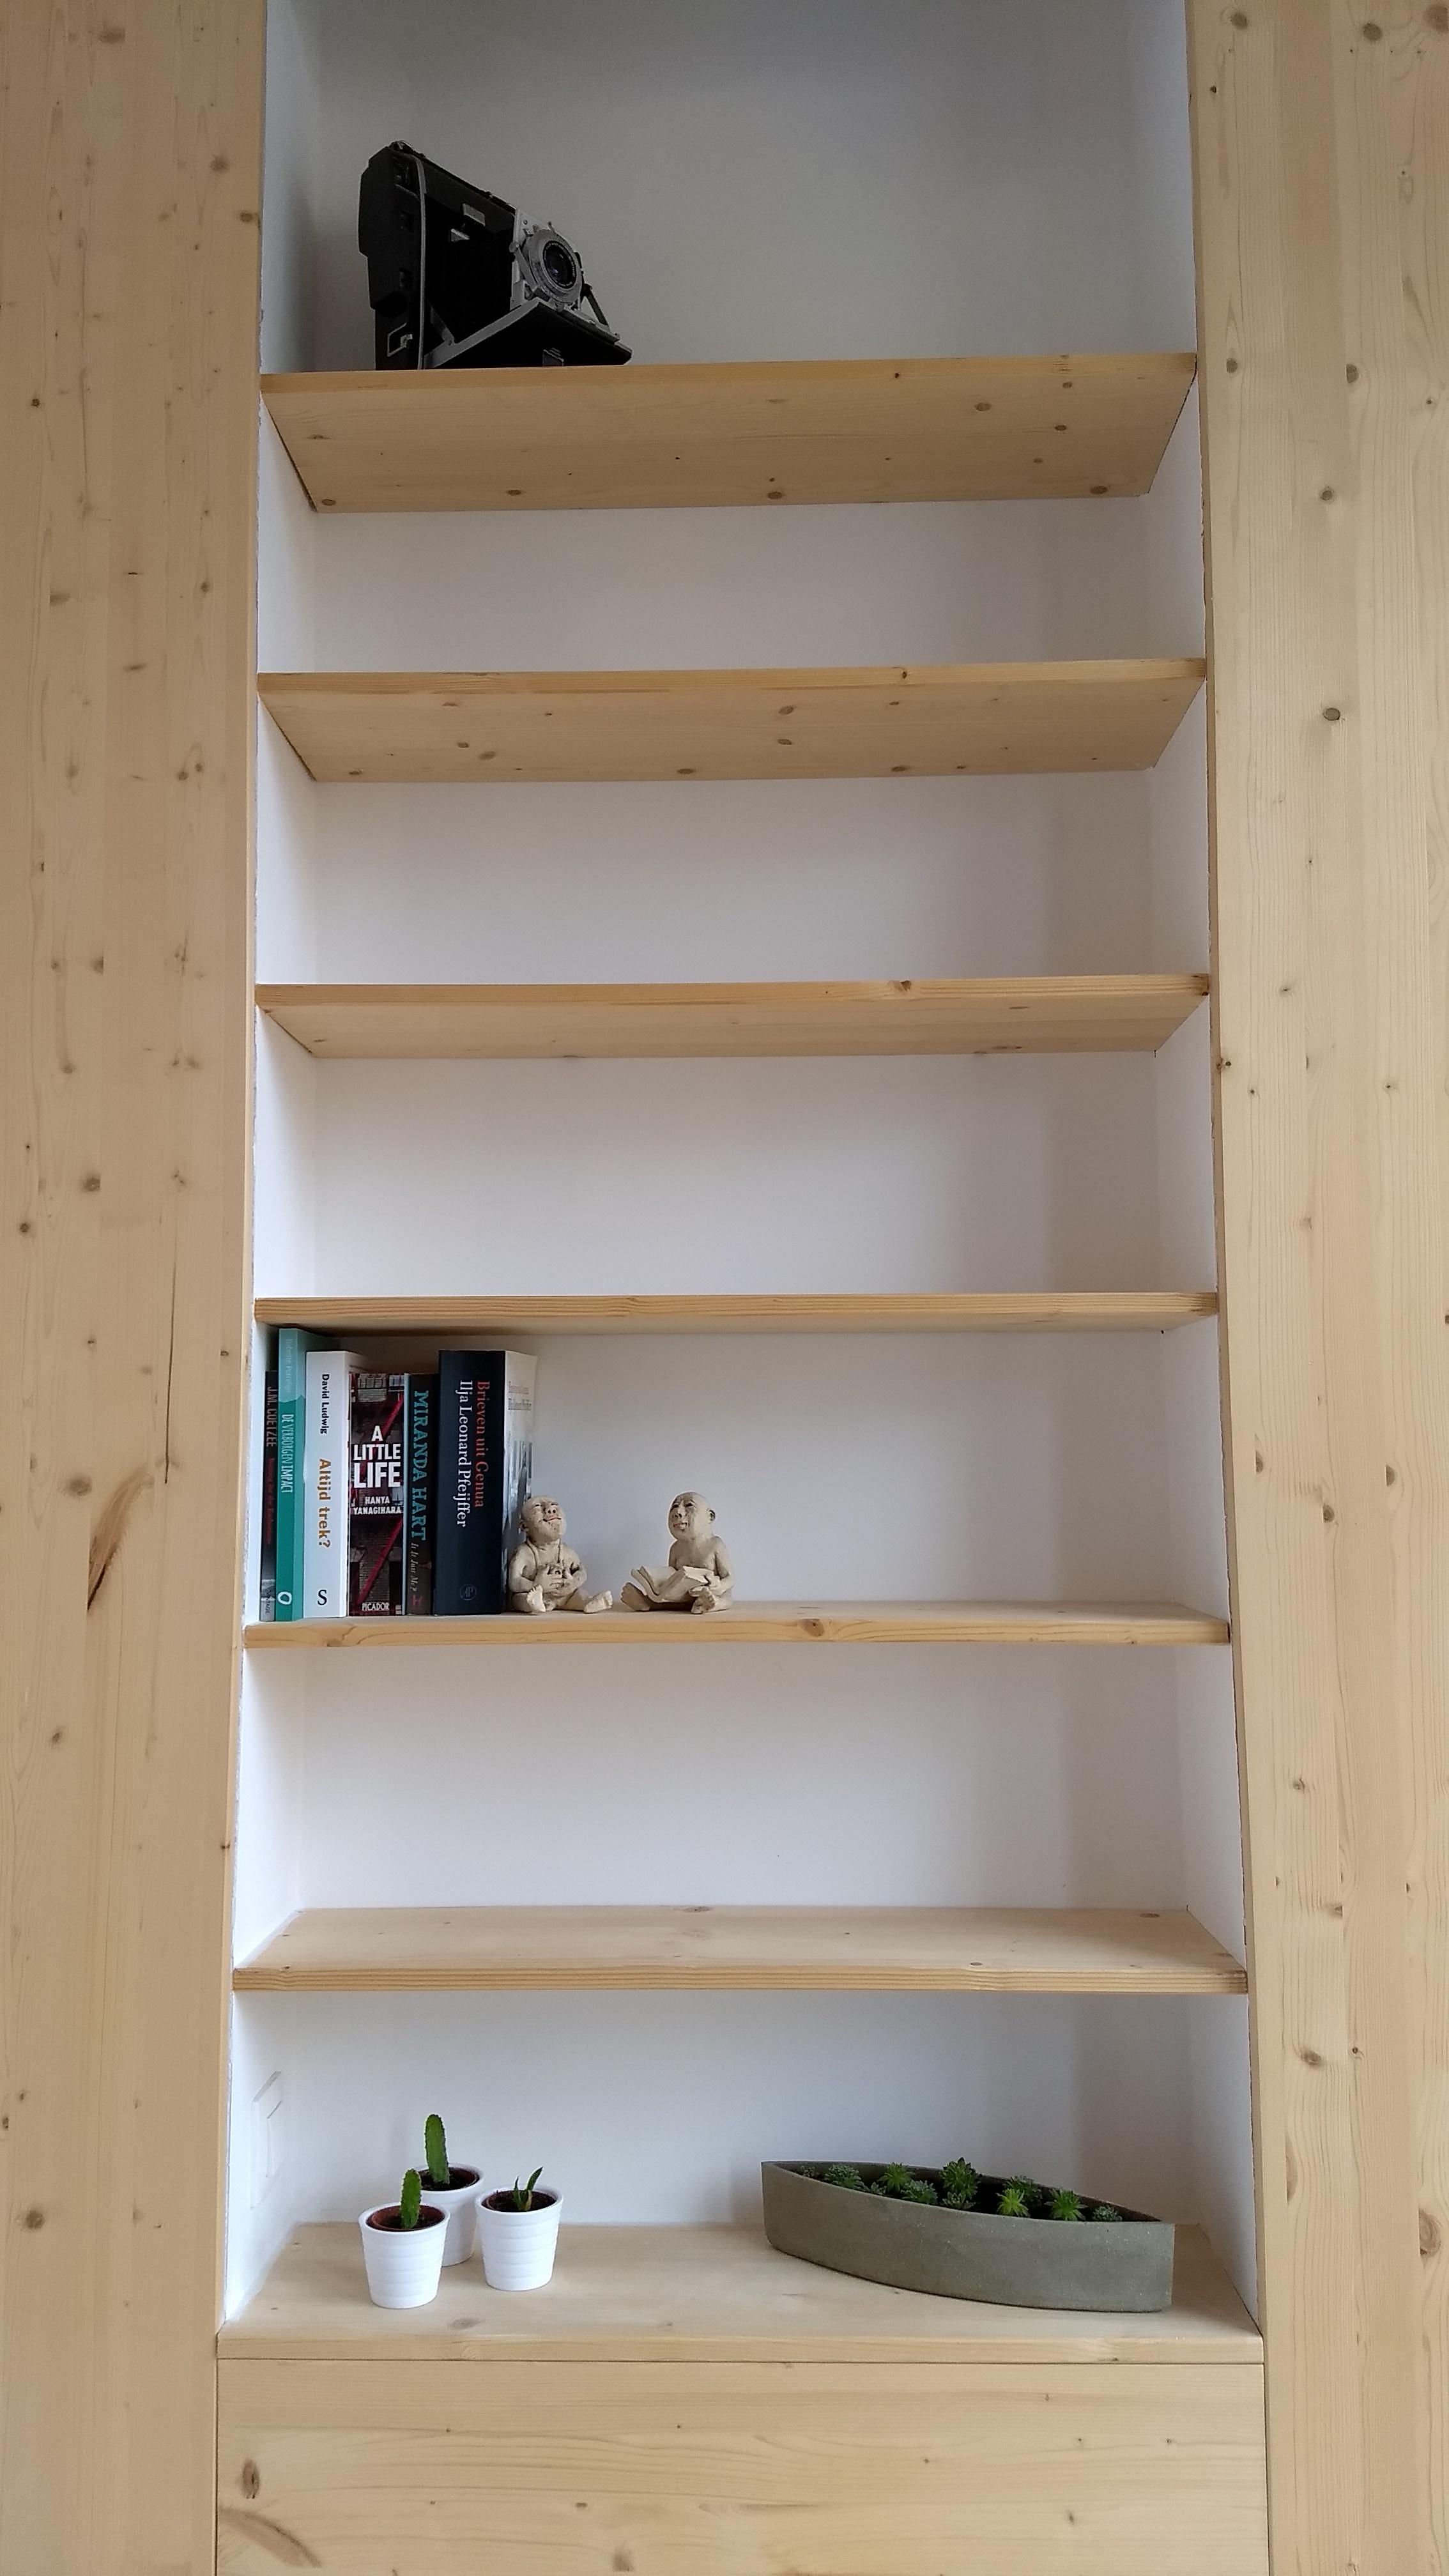 kast slaapkamer met boeken